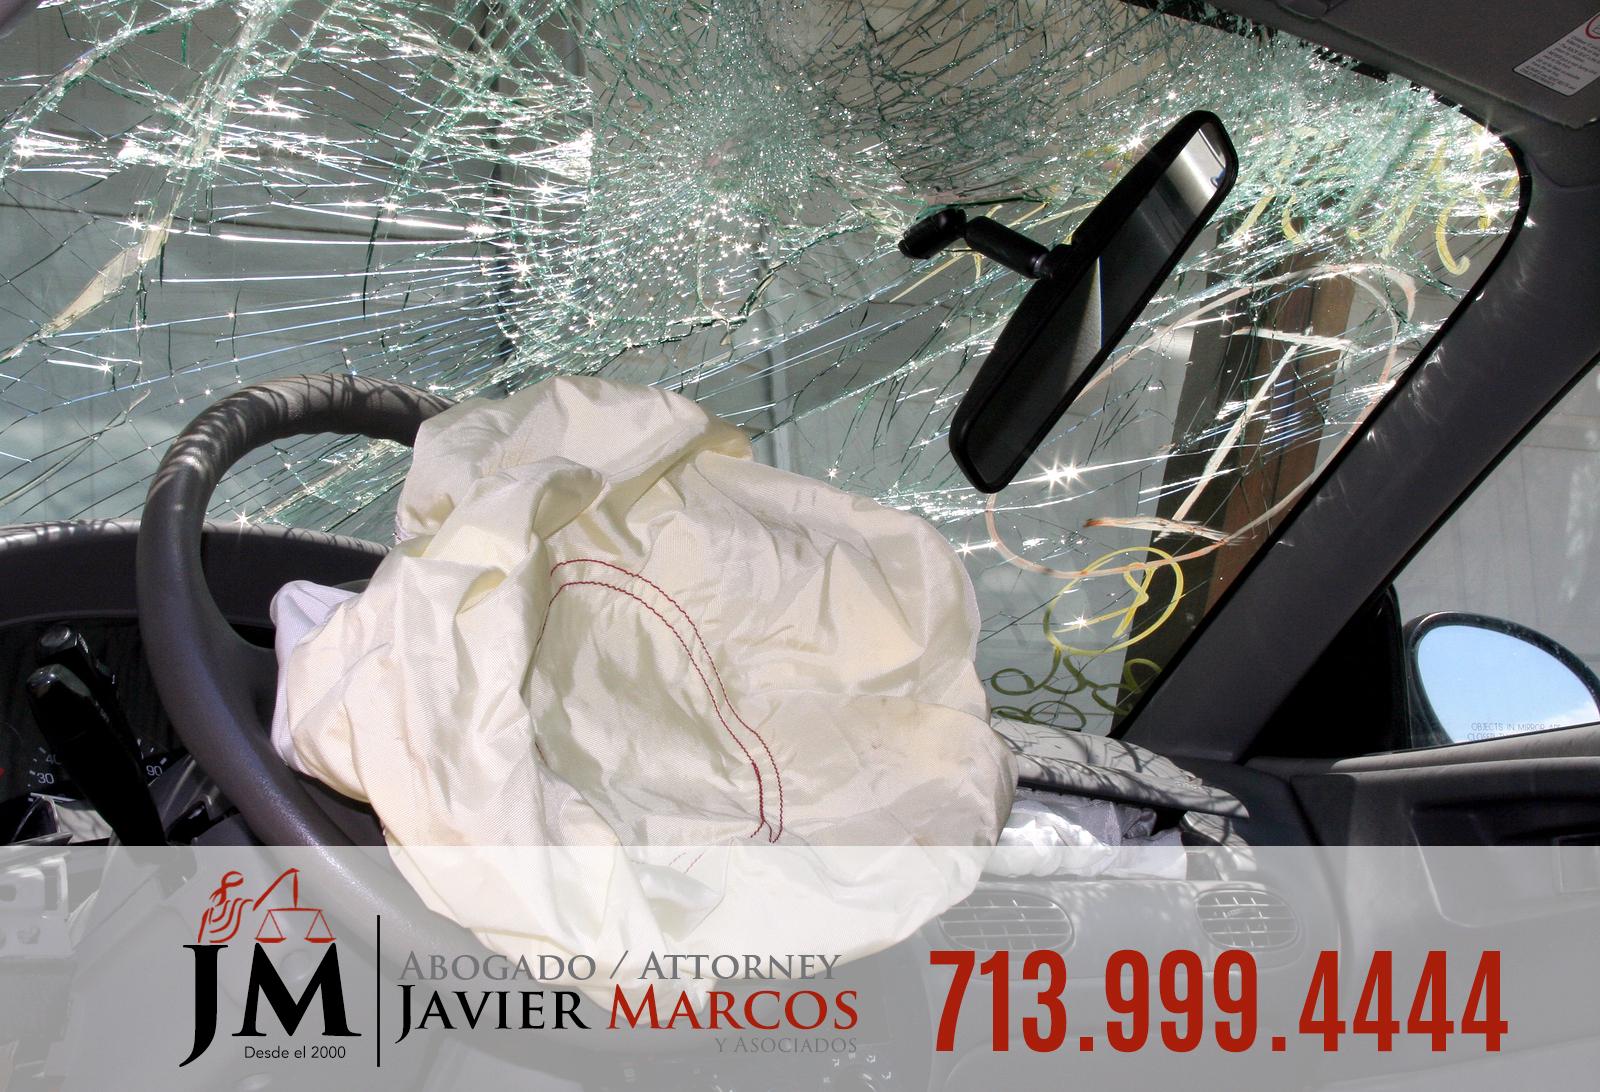 Vehiculo defecto de fabricacion   Abogado Javier Marcos